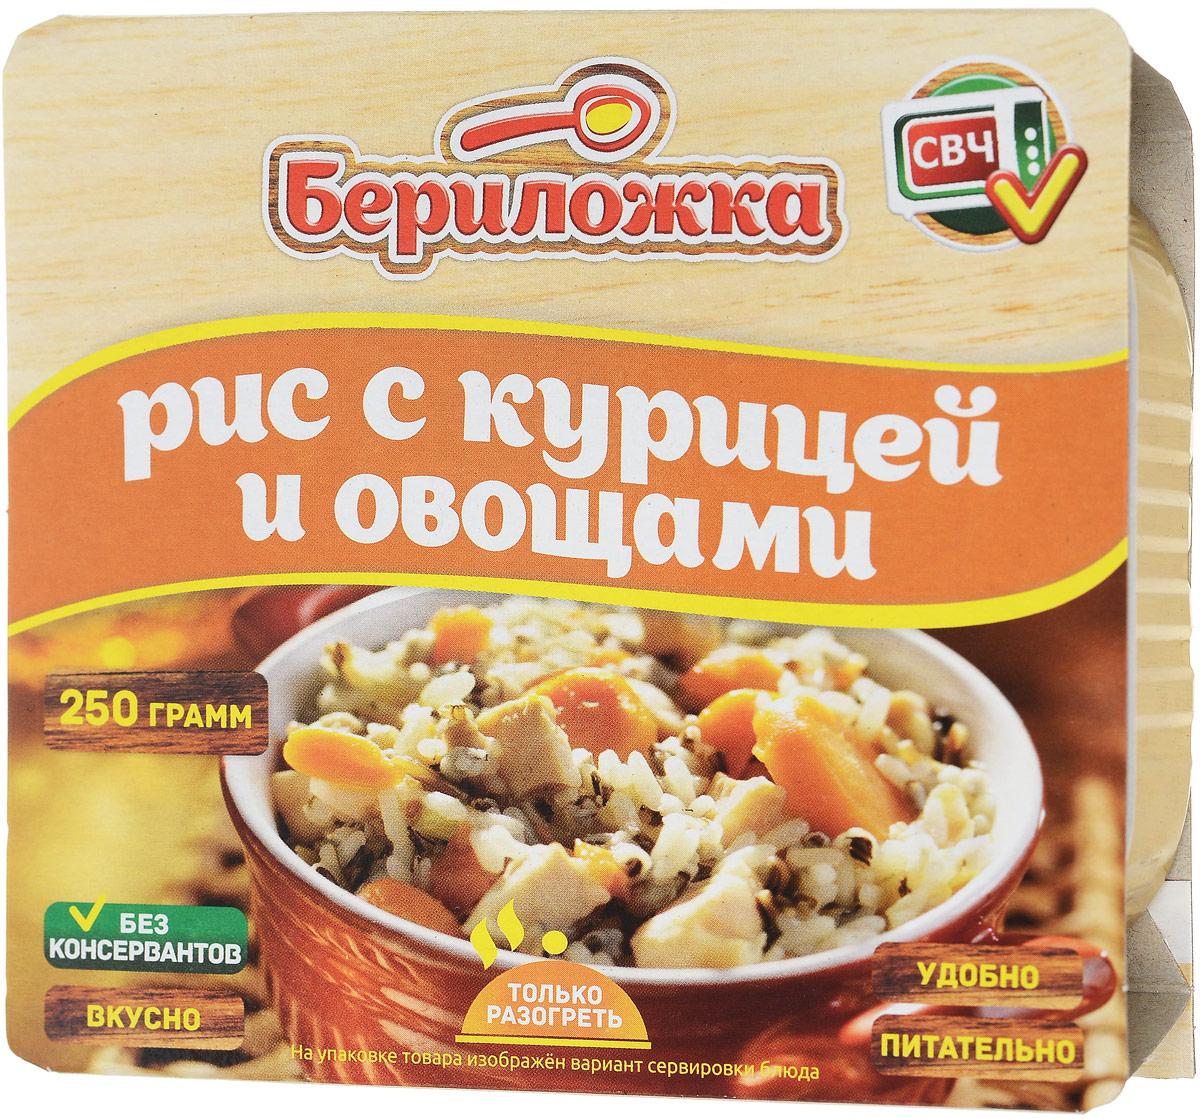 Бериложка рис с курицей и овощами, 250 г бериложка биточки в грибном соусе 250 г